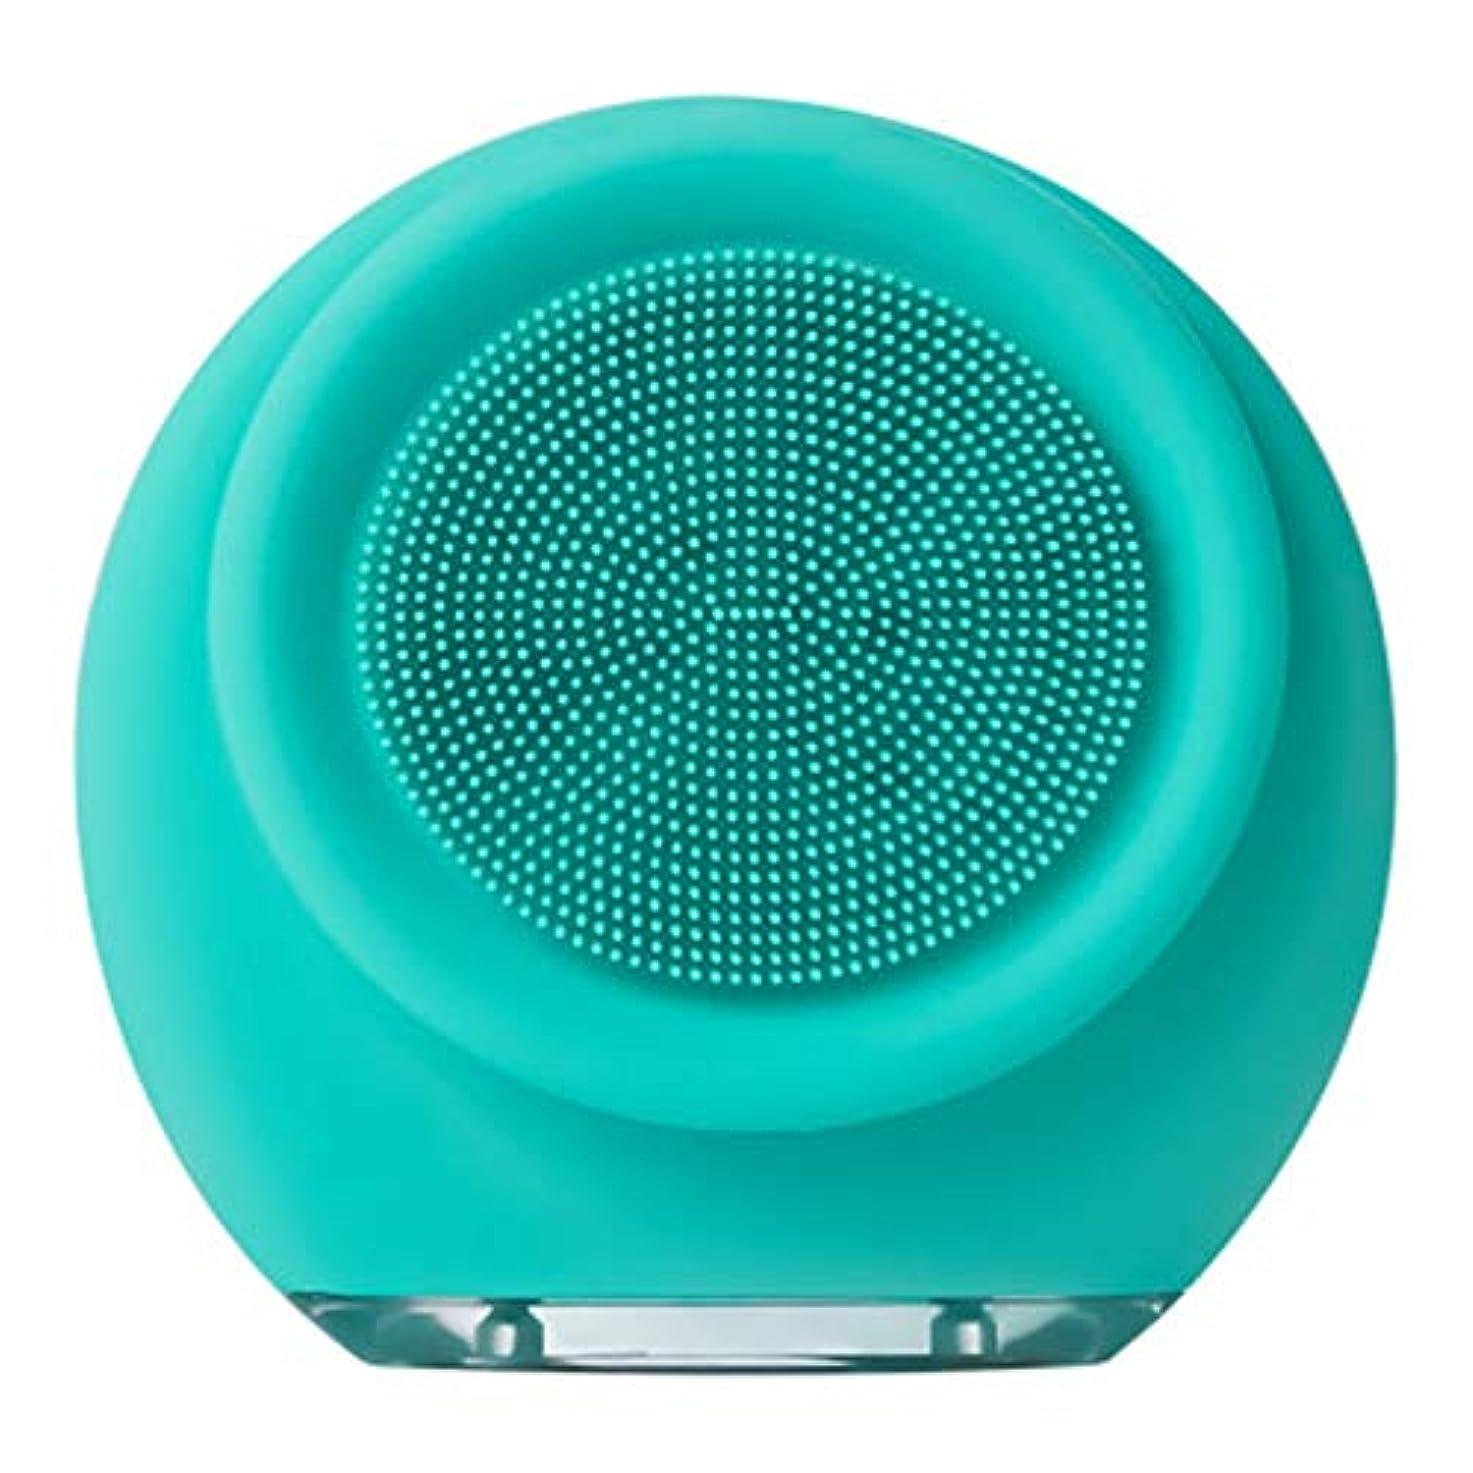 悪化するトランクライブラリドラム充電式シリコーンクレンジング器、電気超音波美容機器フェイス毛穴クリーナーフロントとバックブラシヘッド3ブロックの調整7防水 (Color : A)